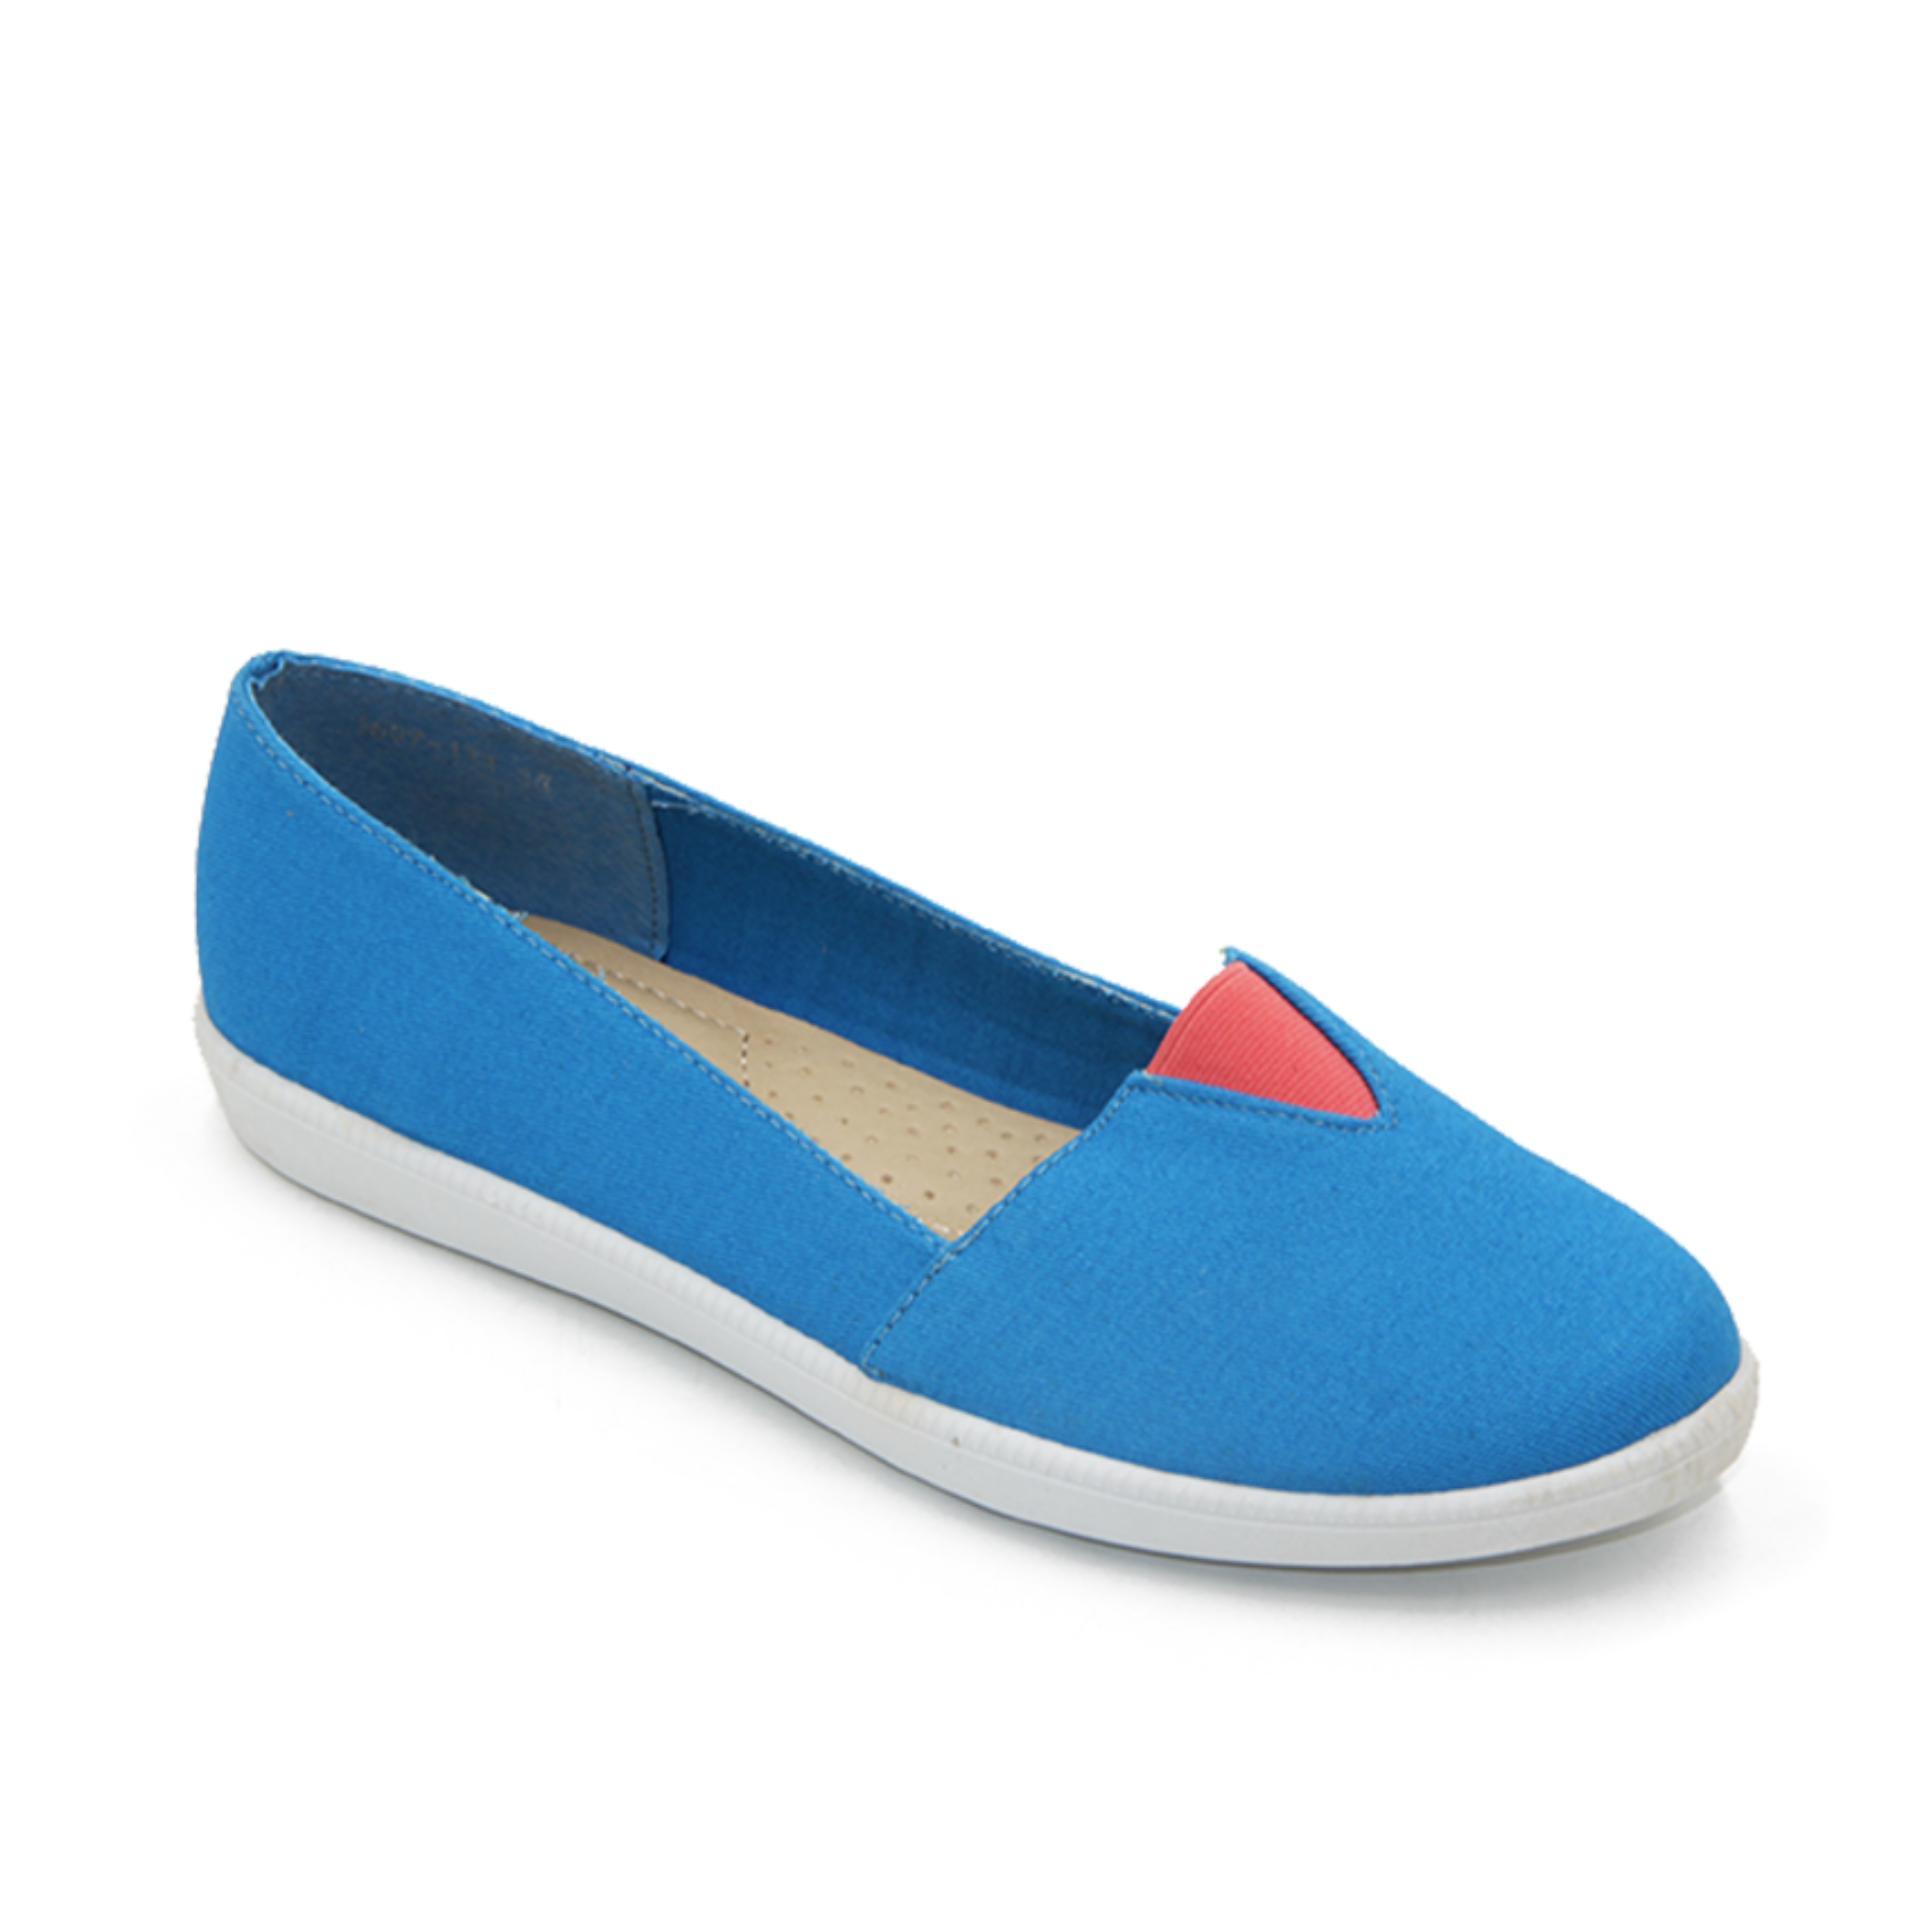 Jual Dea Sepatu Wanita Murah Garansi Dan Berkualitas Id Store Pantofel 1712 A115 Beige Hak 5 Cm Rp 79900 Kanvas Slip On